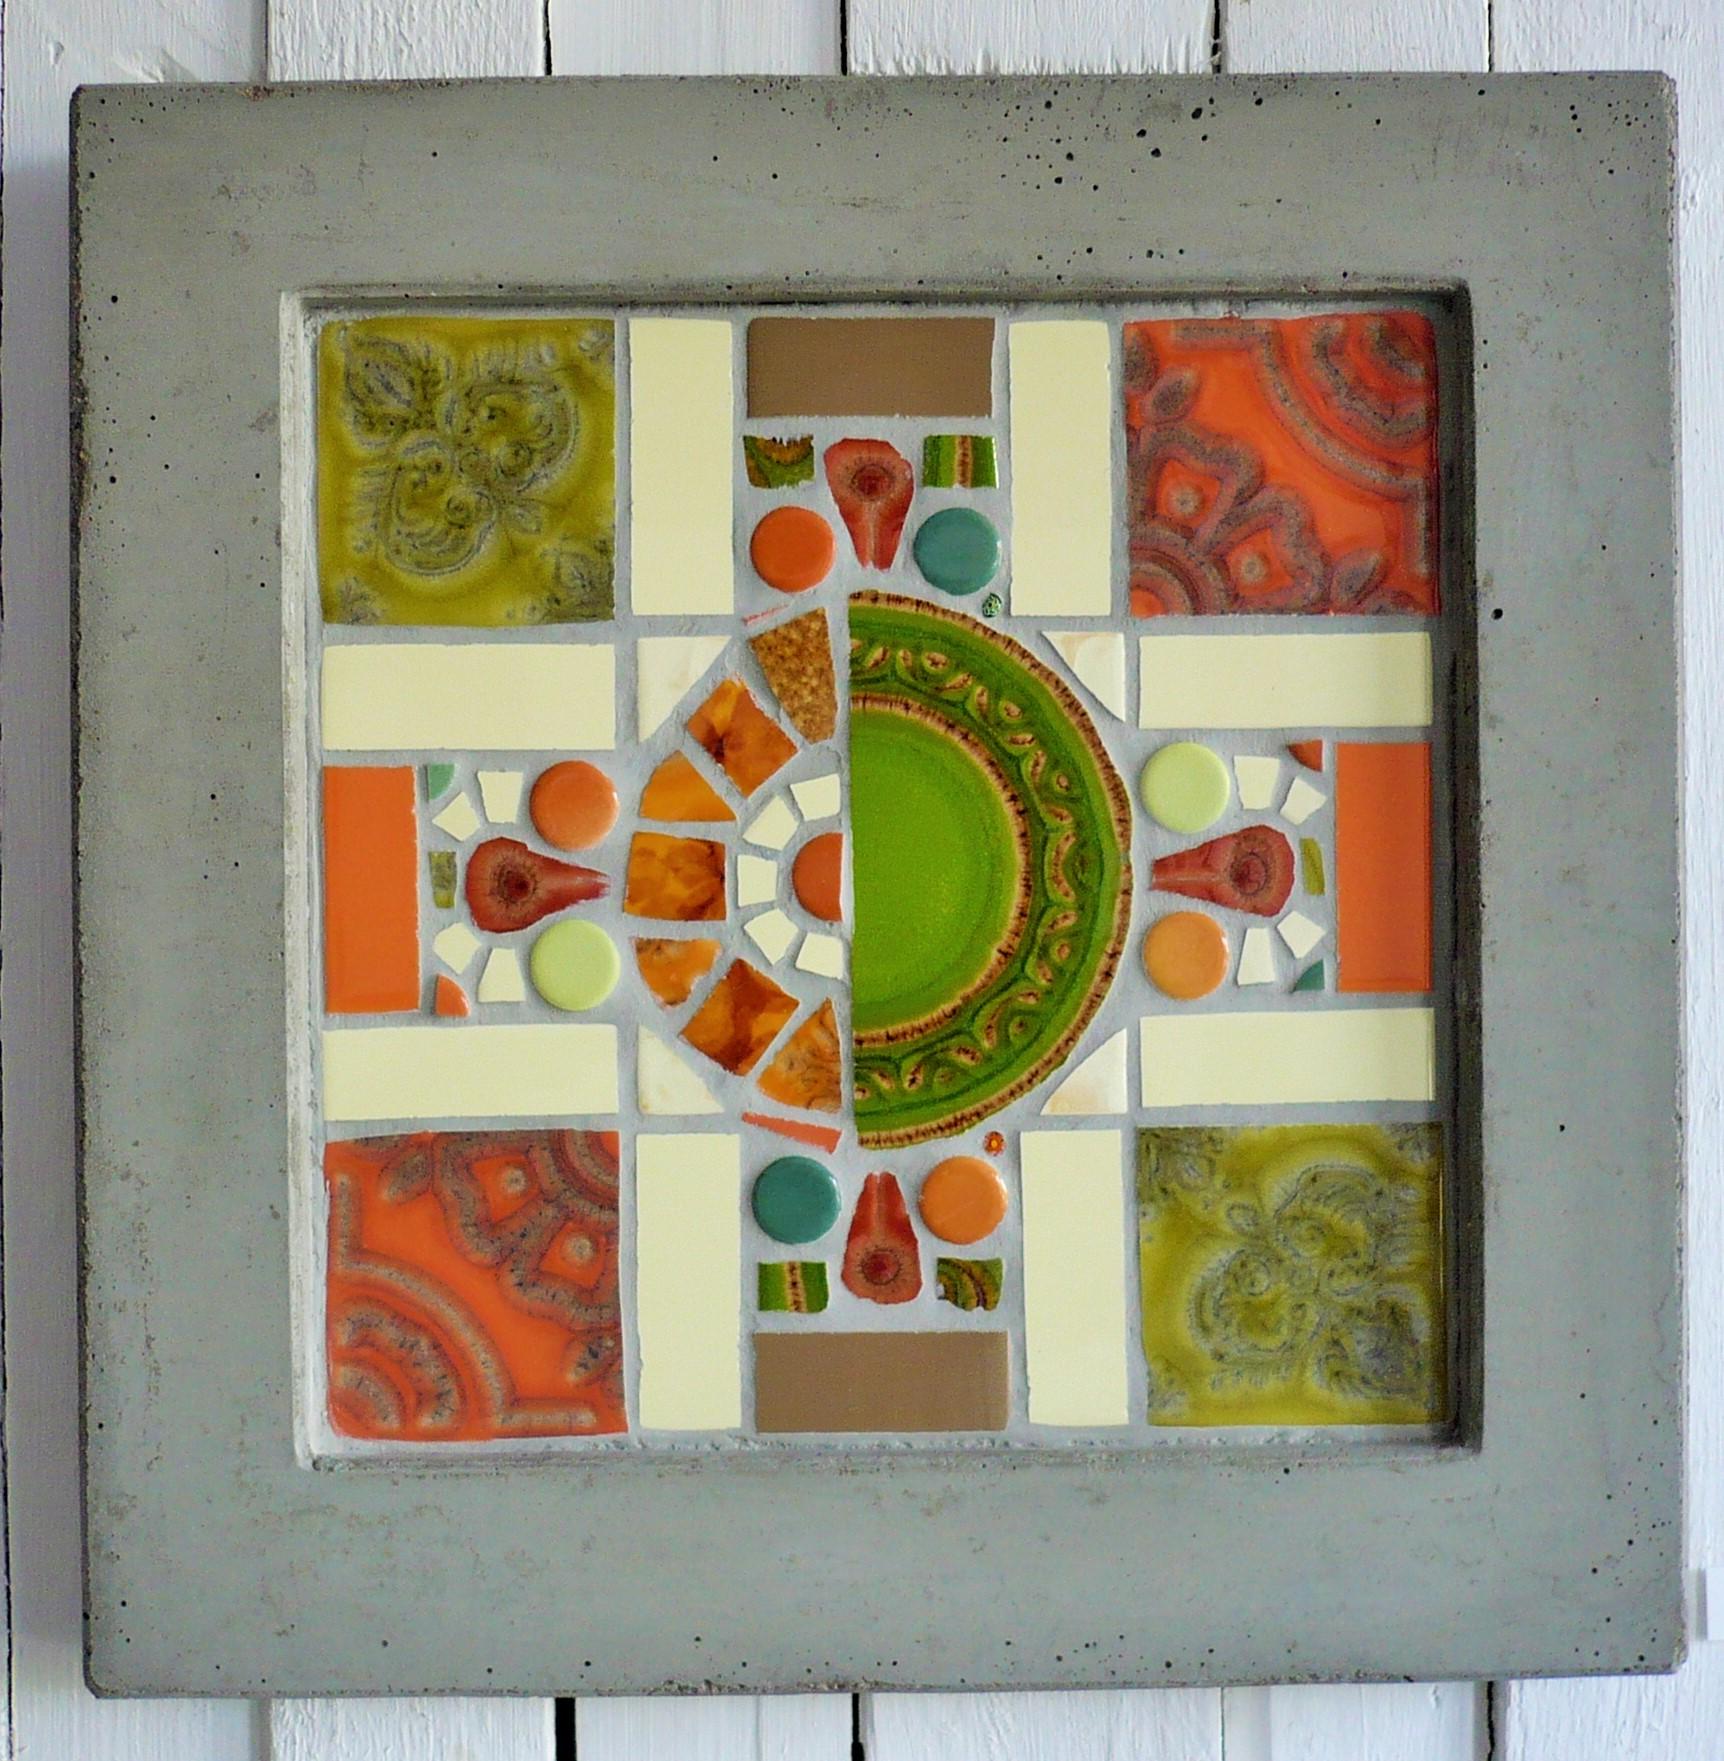 Tablett oder Bild in den Maßen 40x40 cm (Mosaik 29x29 cm)